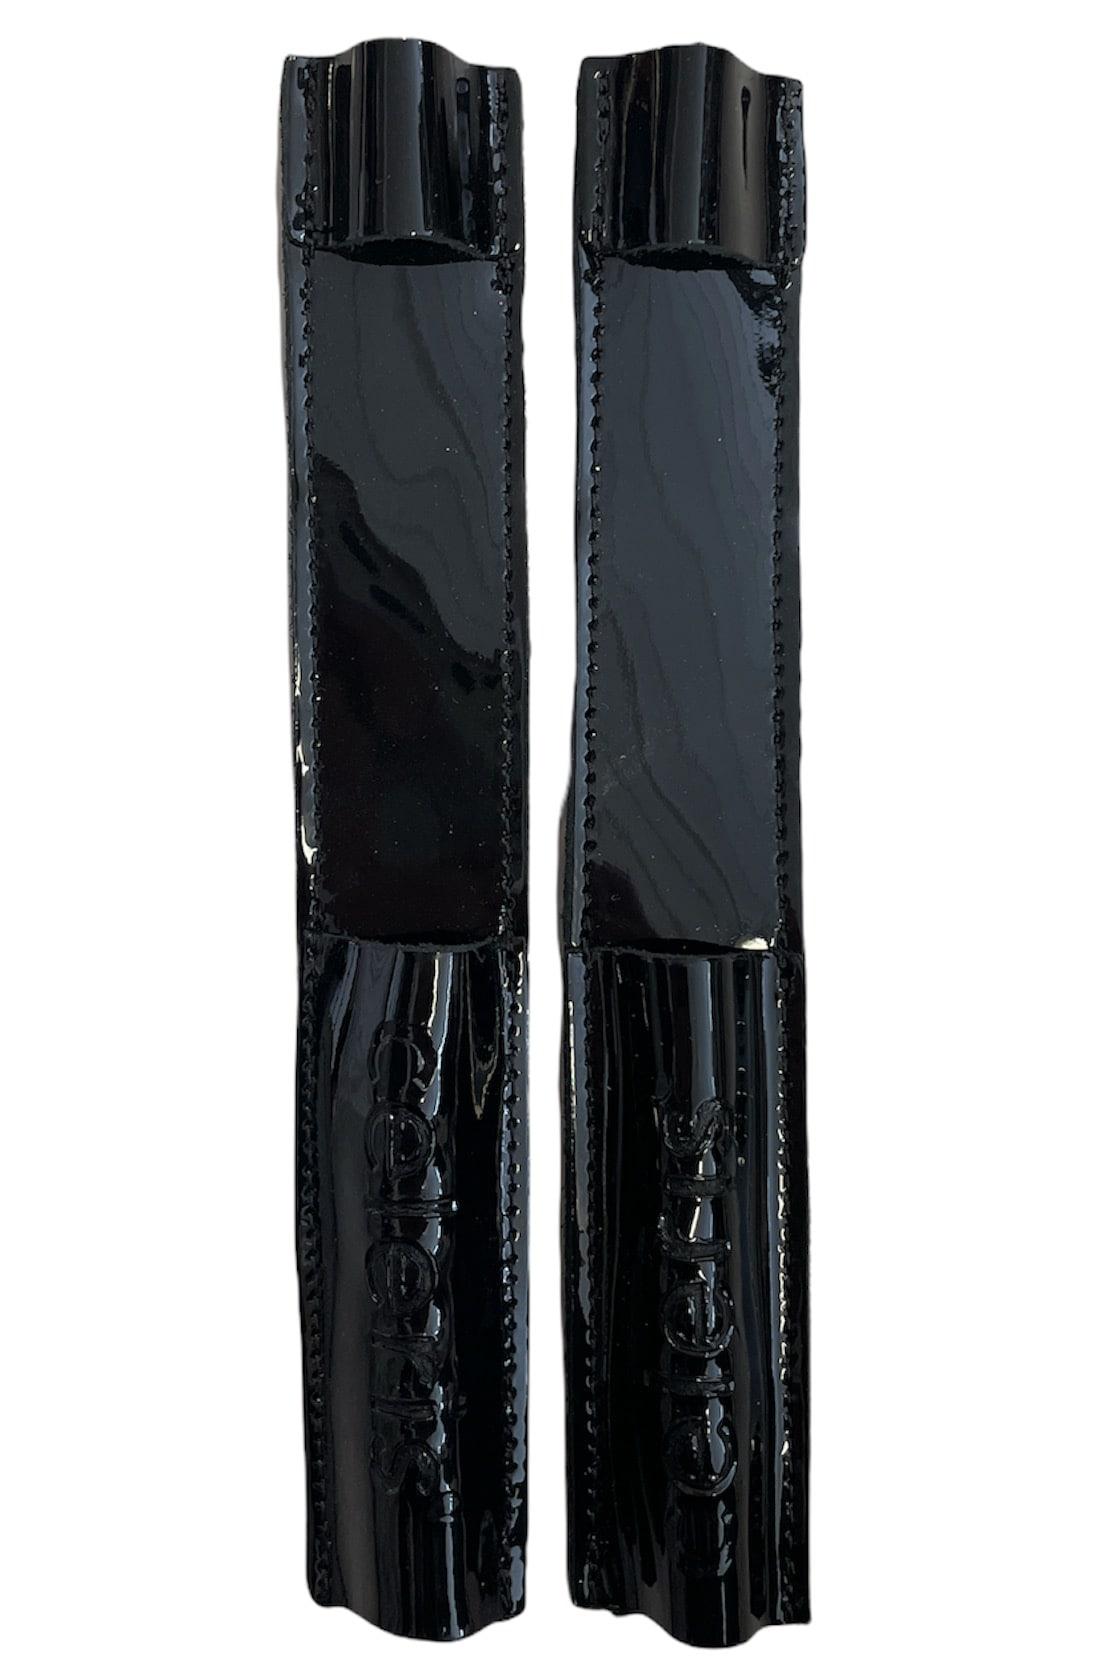 Celeris Spur Protectors - Patent Black